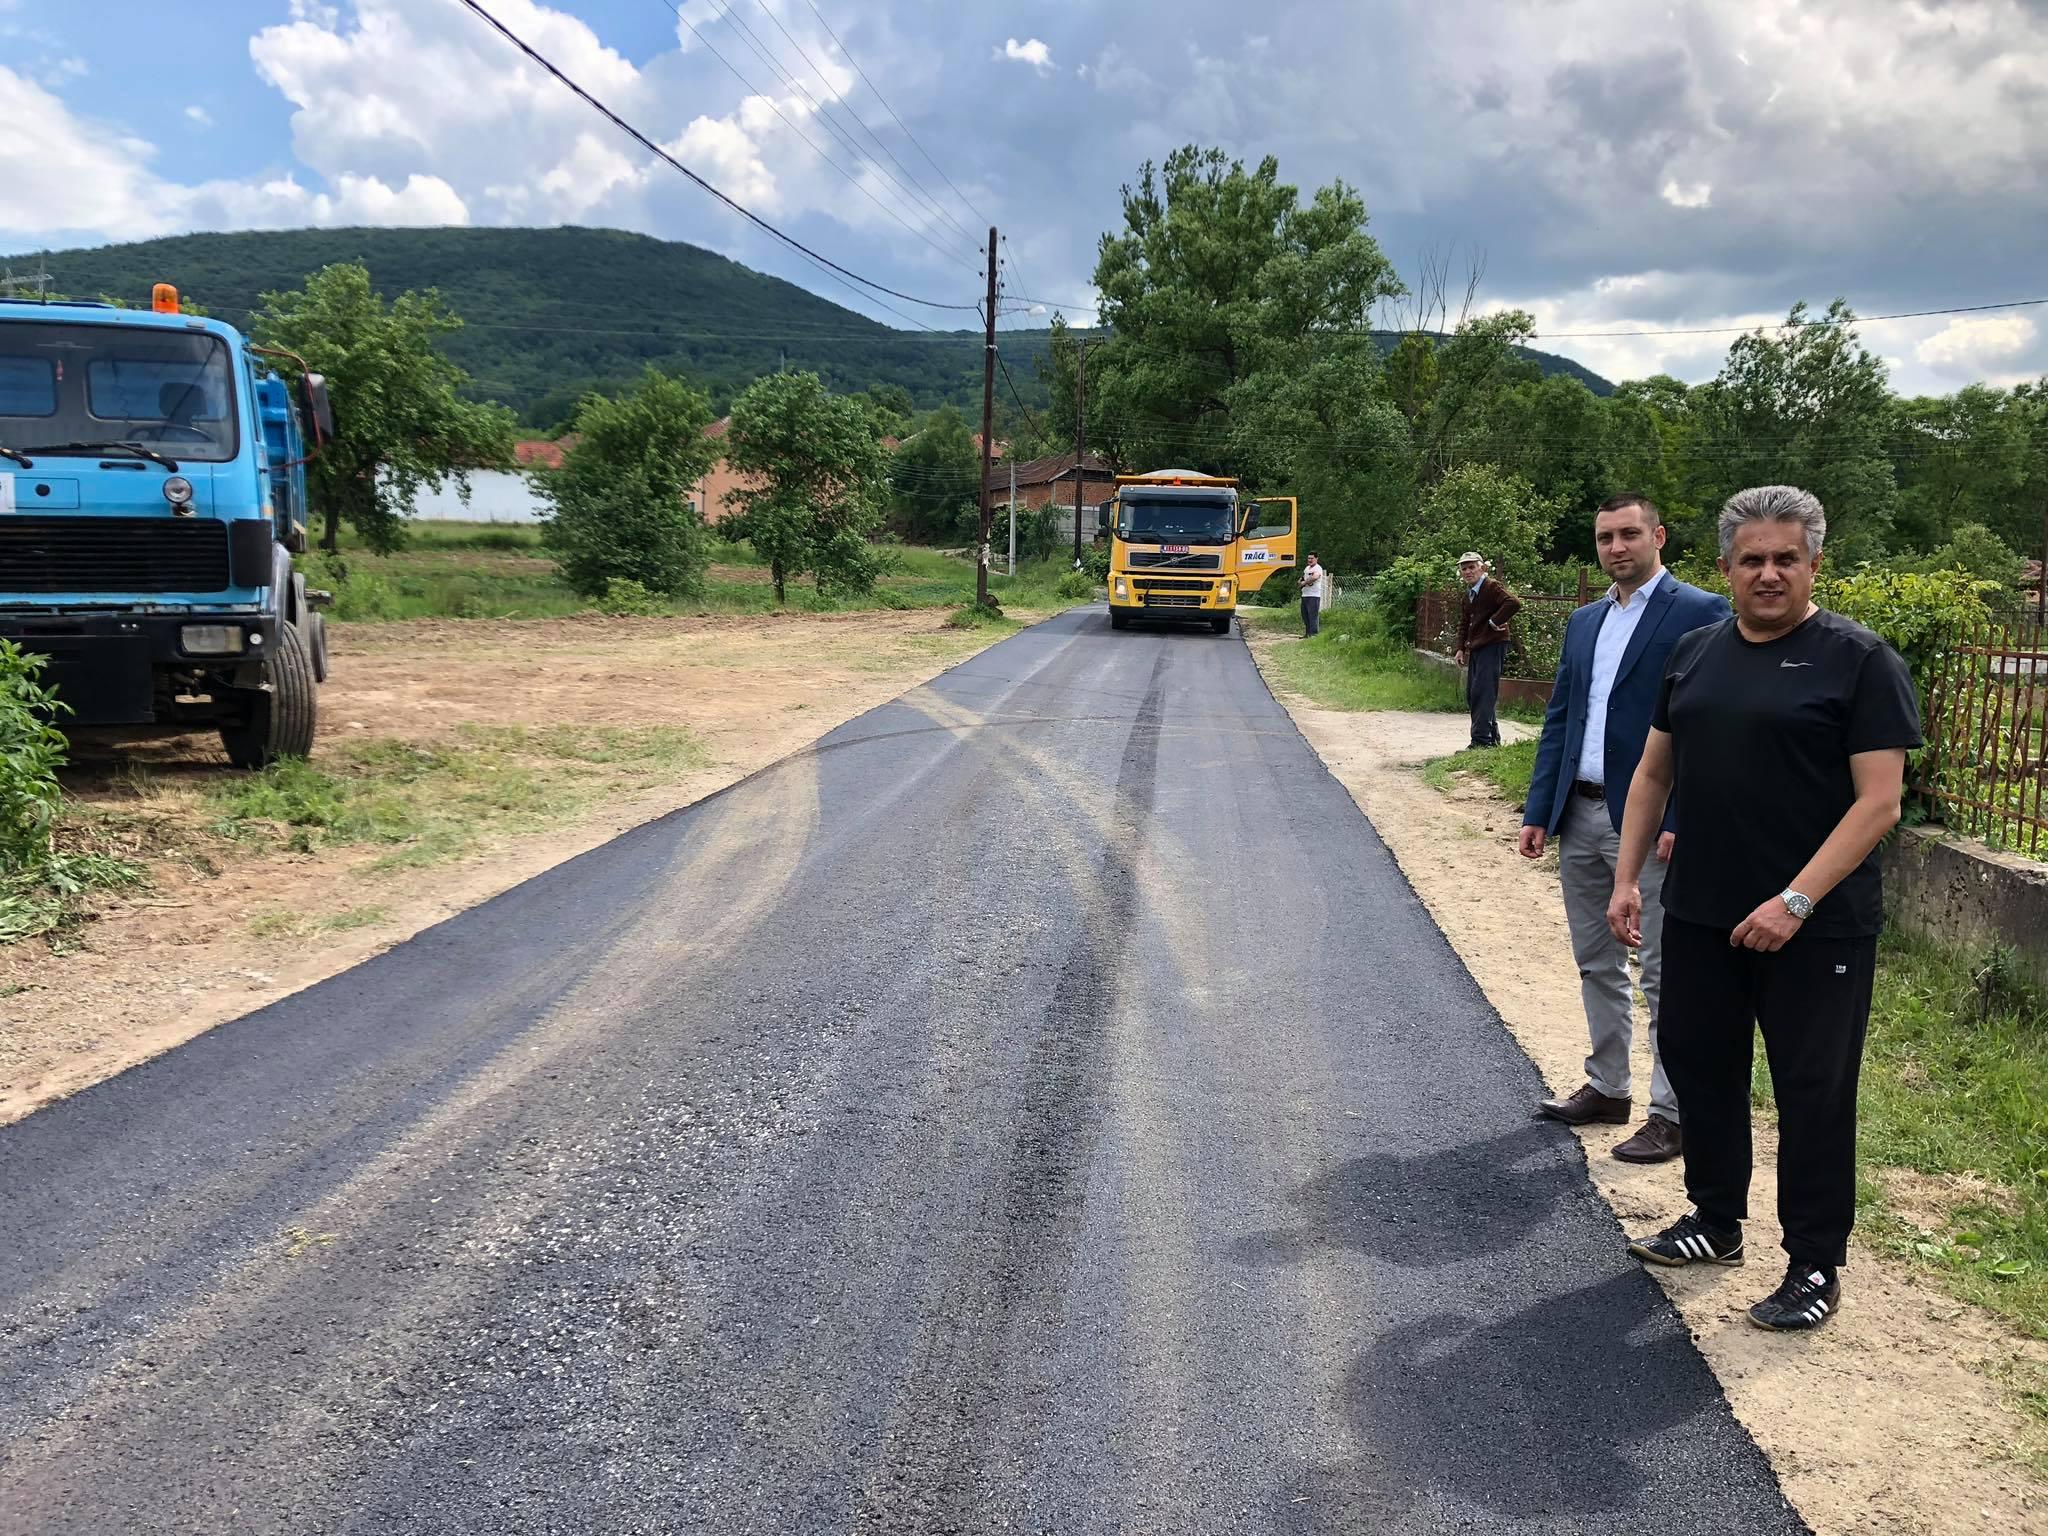 Izgradnja puta za selo Đurinac, foto: M.A.